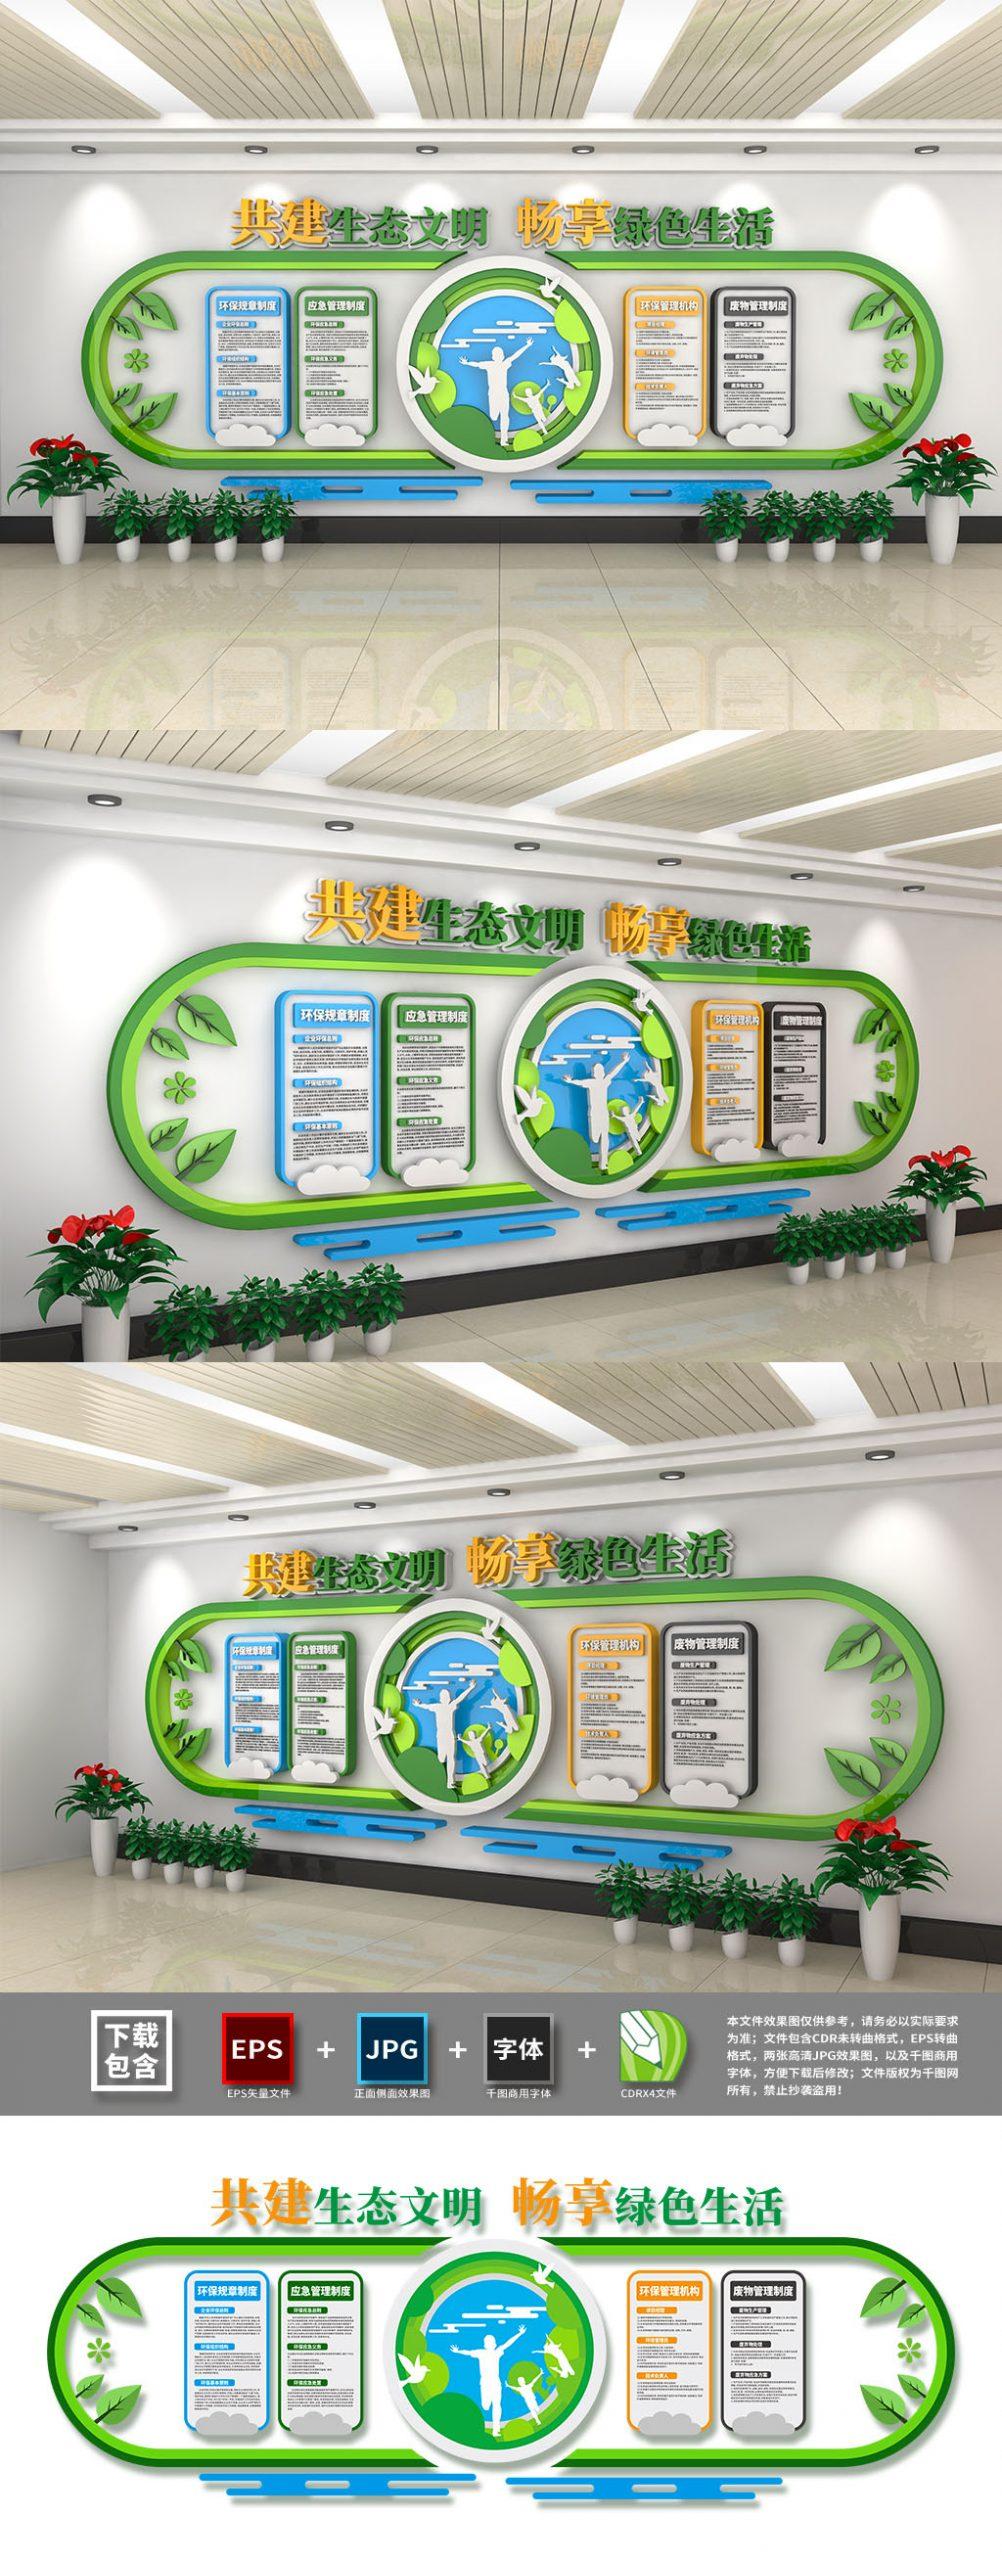 创意绿色环保环境保护文化墙插图